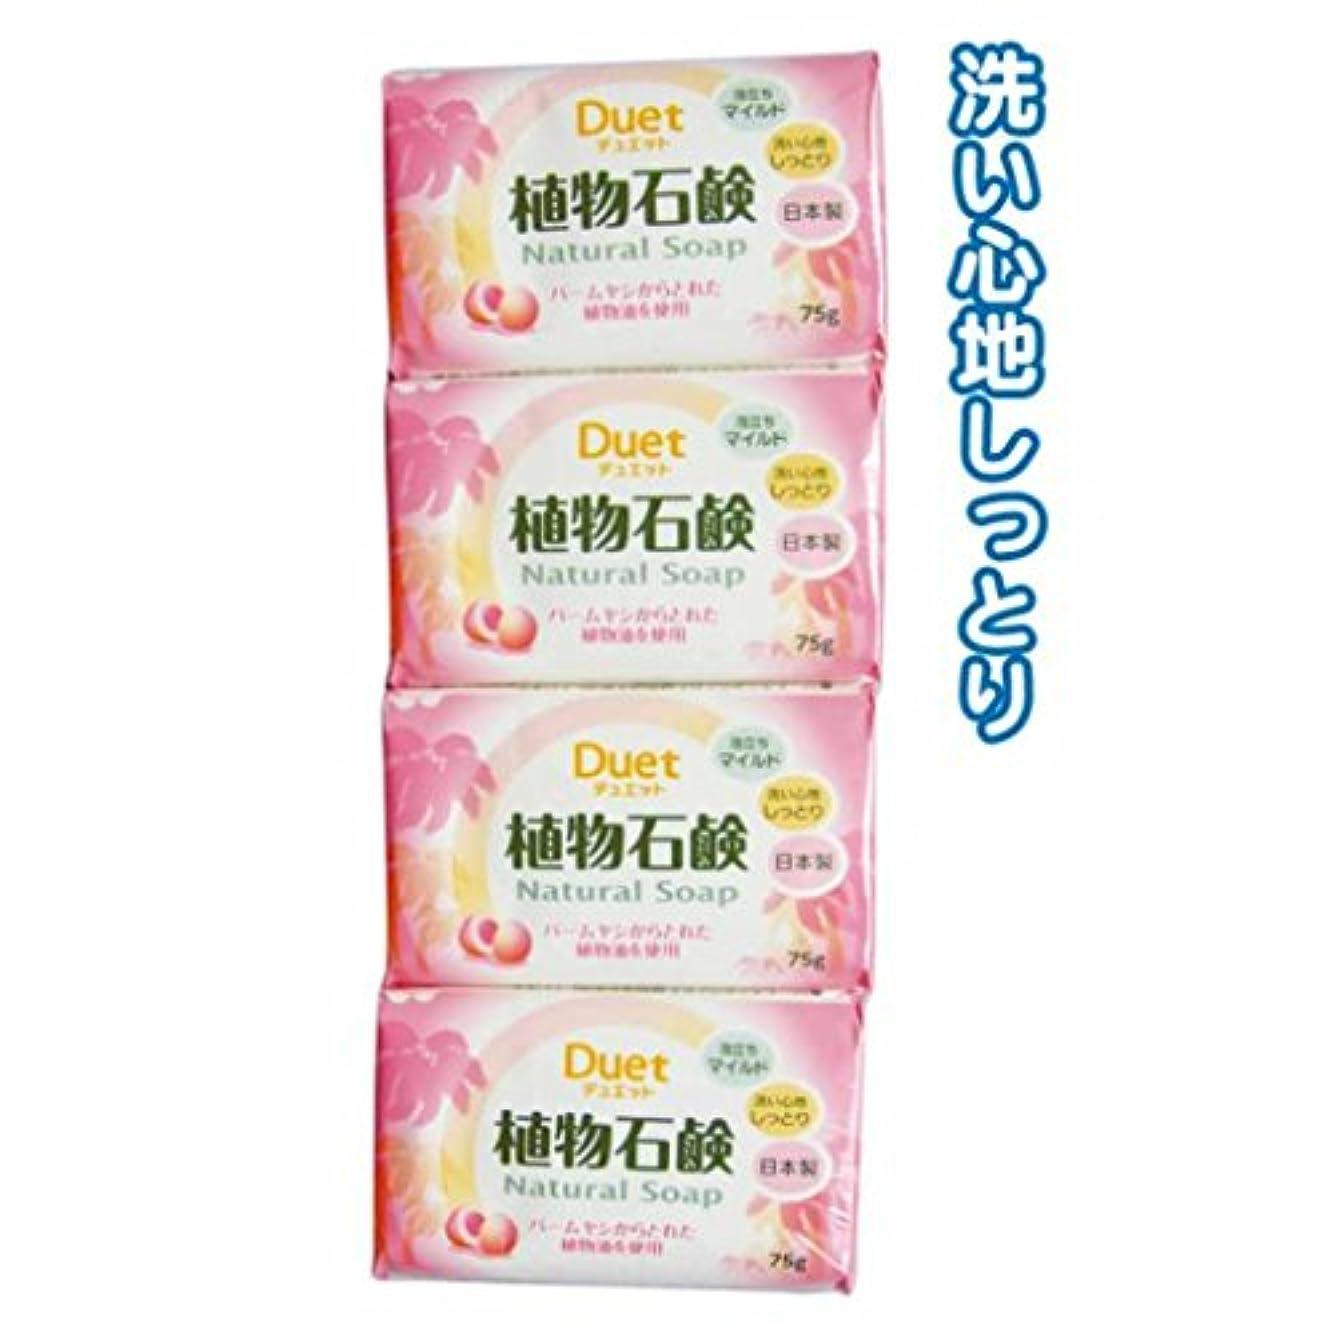 調停者恥ずかしさレンダリング日本製 Japan デュエット植物石鹸75g 【まとめ買い4個入り×240パック 合計960個セット】 46-202